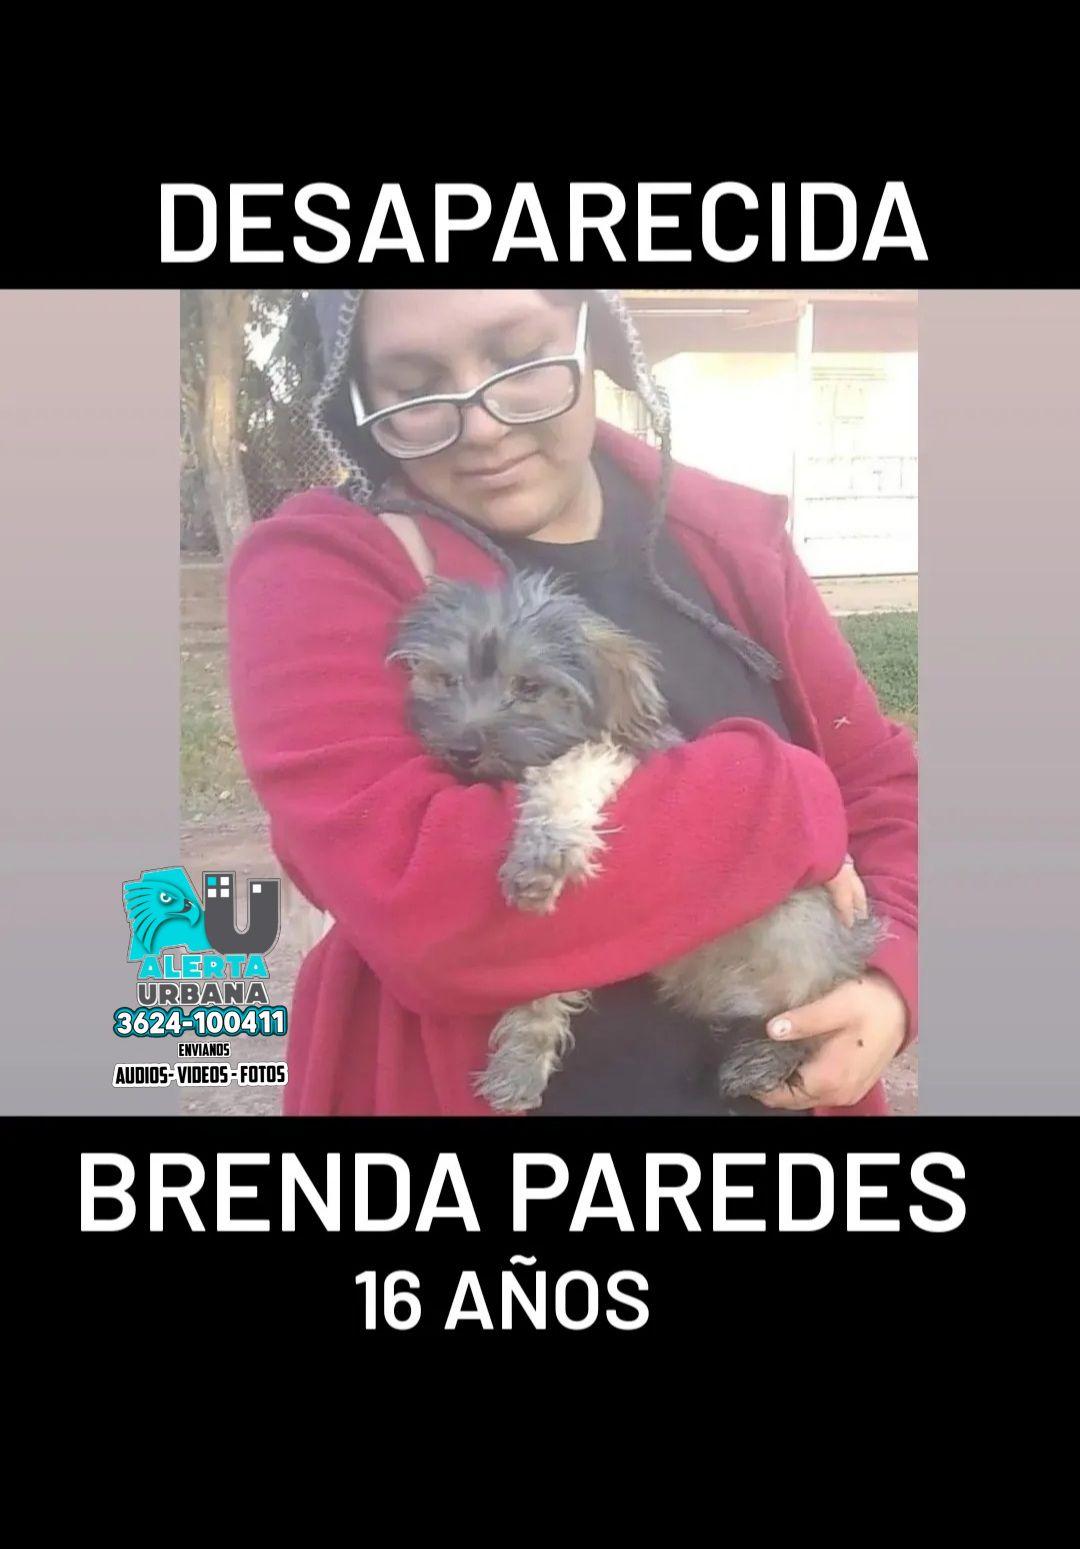 Brenda Paredes de 16 años se encuentra desaparecida desde este jueves